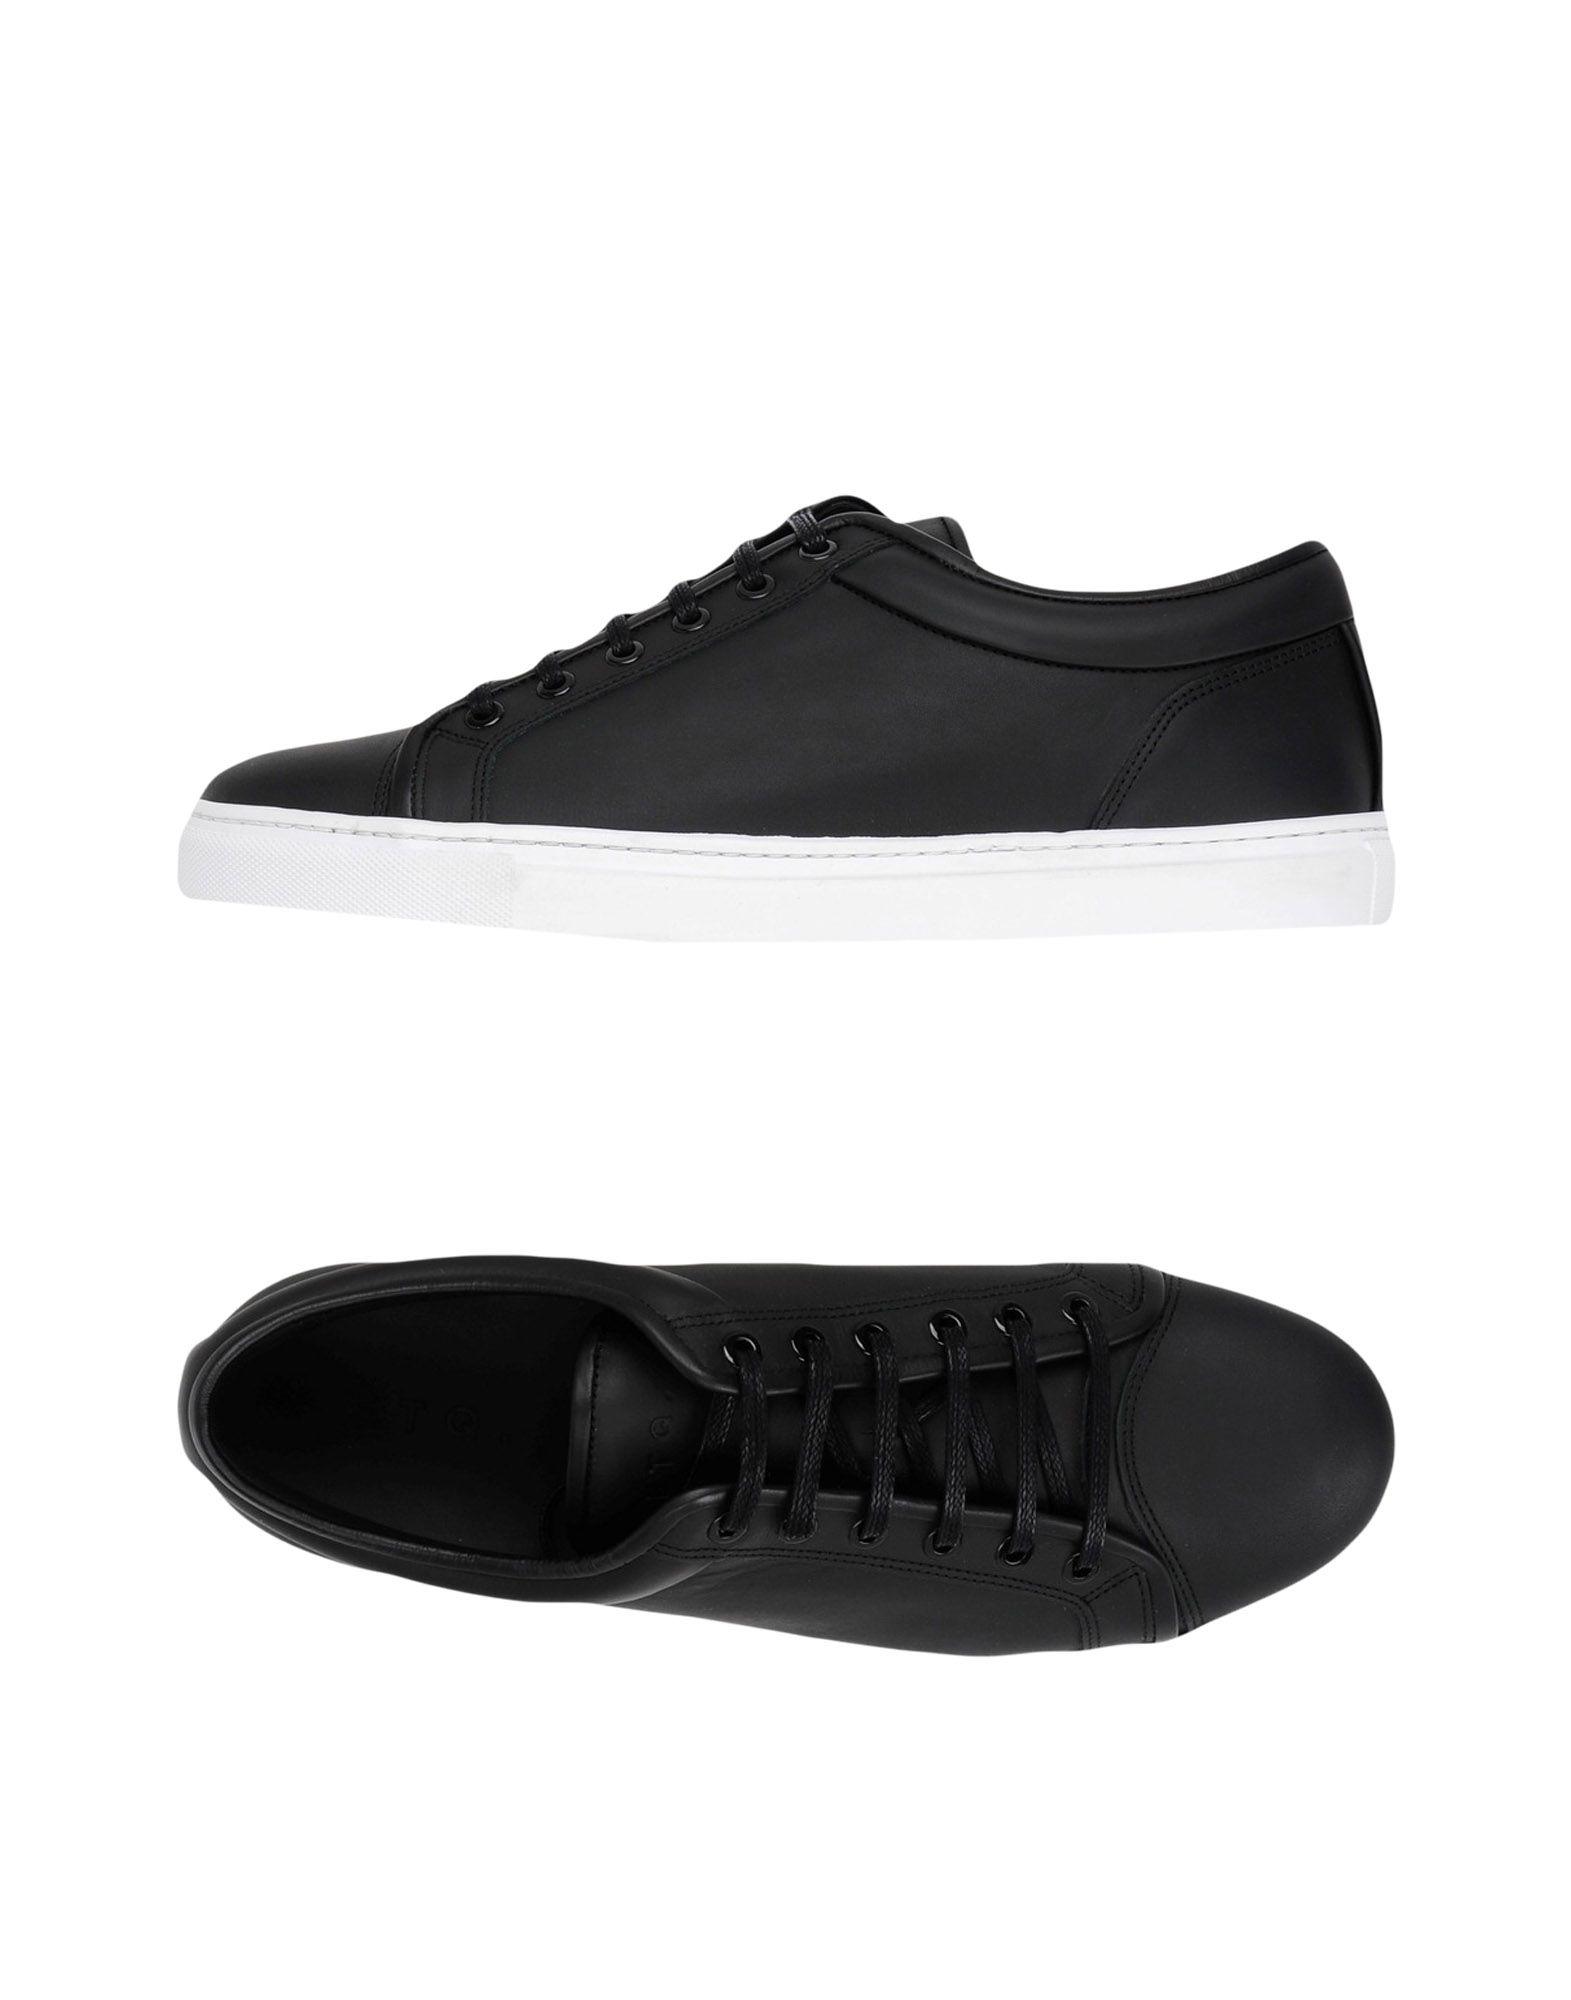 Etq Amsterdam Sneakers Herren  11339423UA Gute Qualität beliebte Schuhe